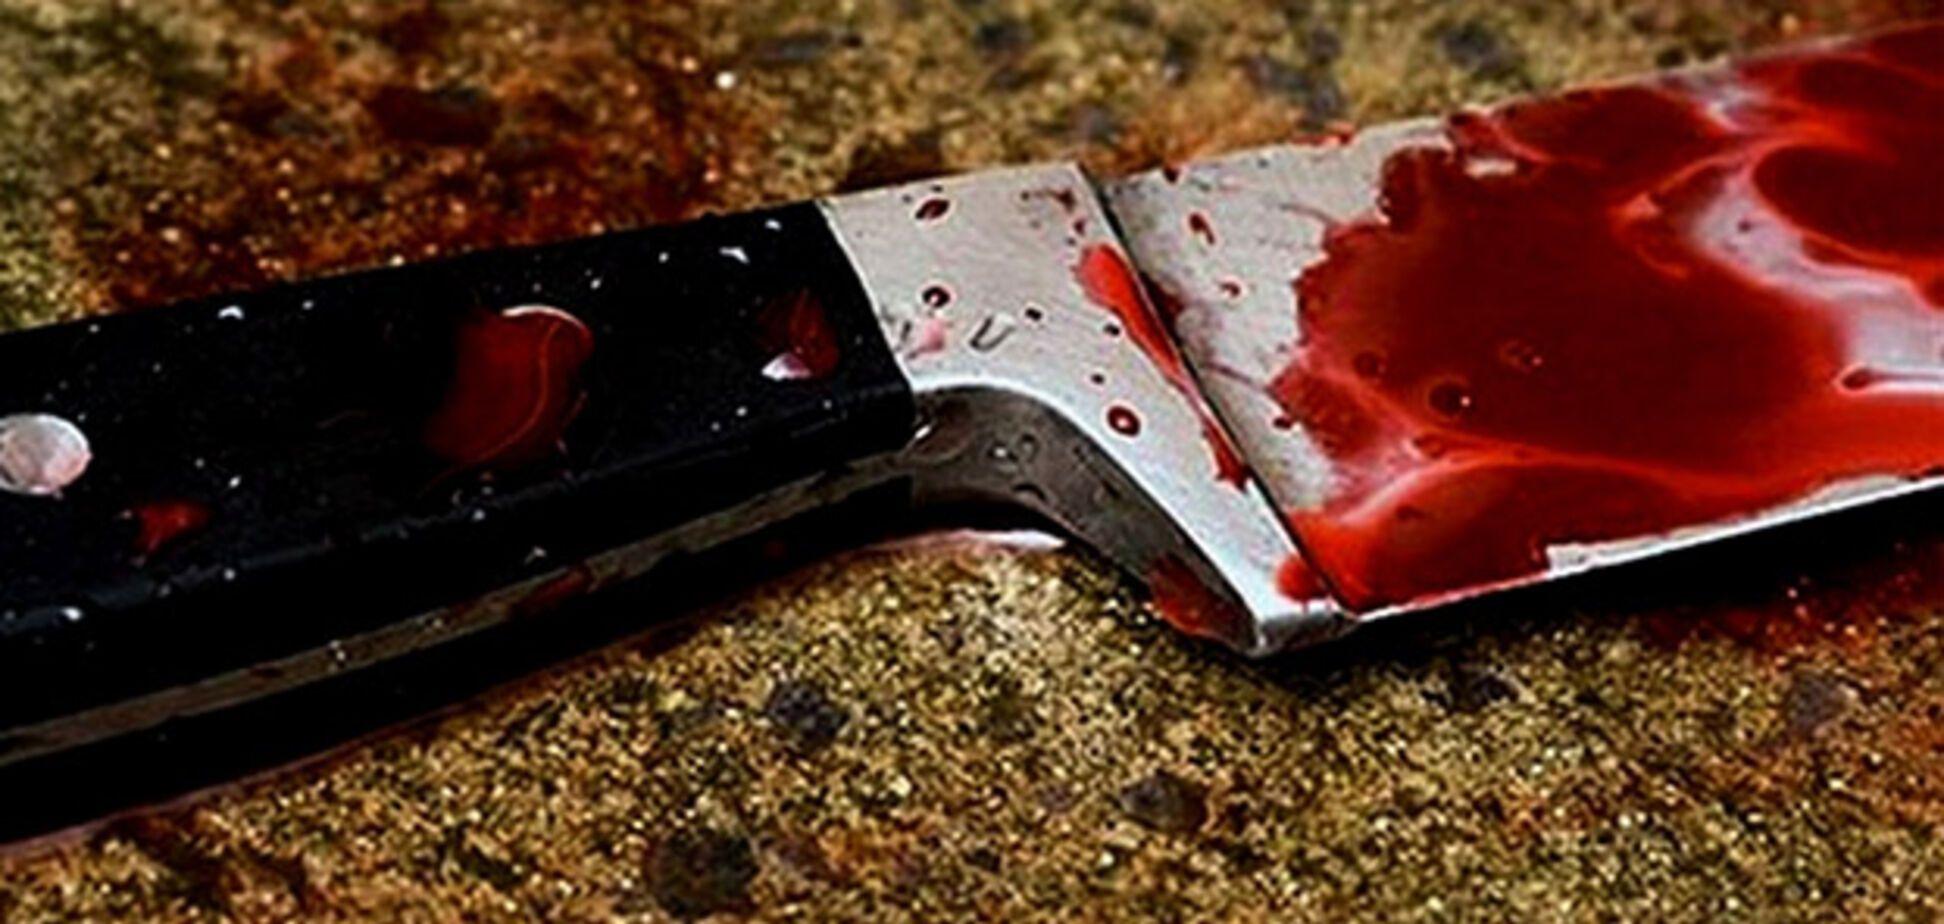 Одним ударом: на Киевщине беременная женщина убила мужа